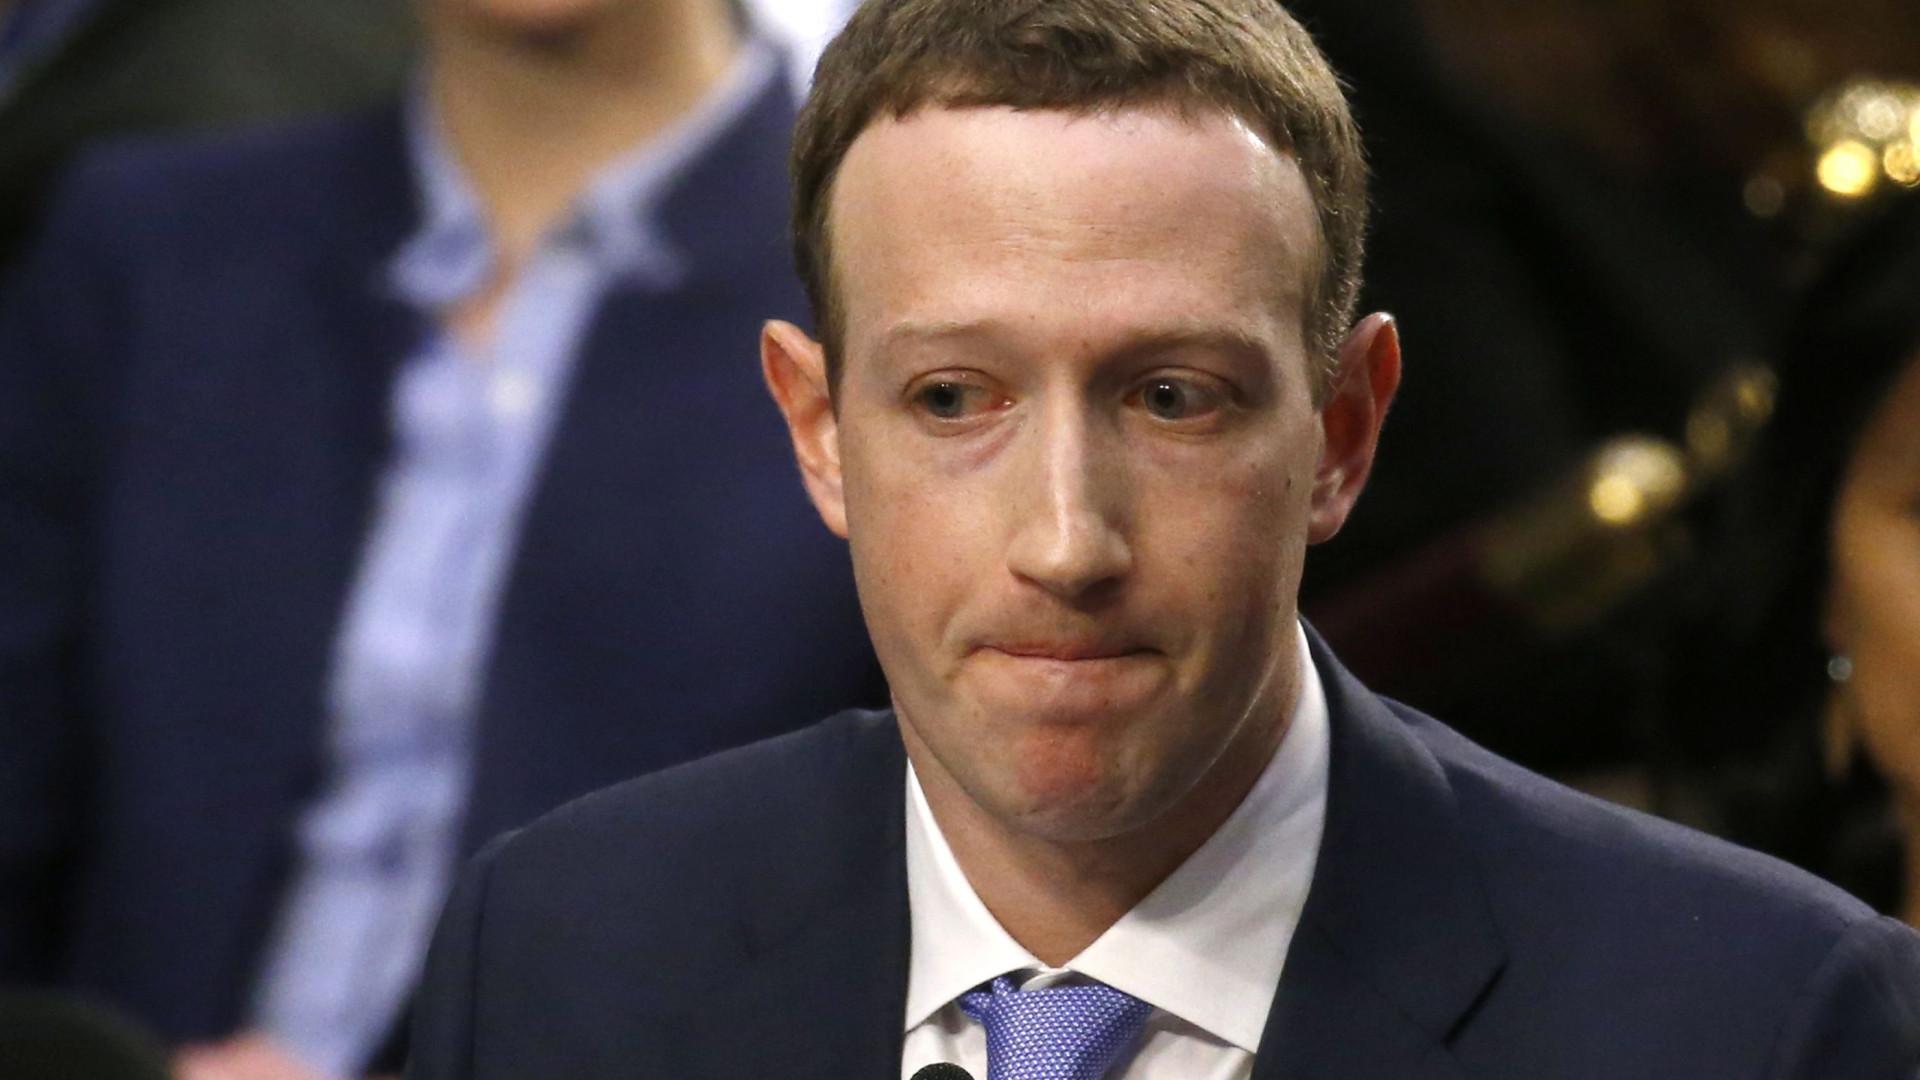 Anunciantes voltarão em breve, diz Zuckerberg